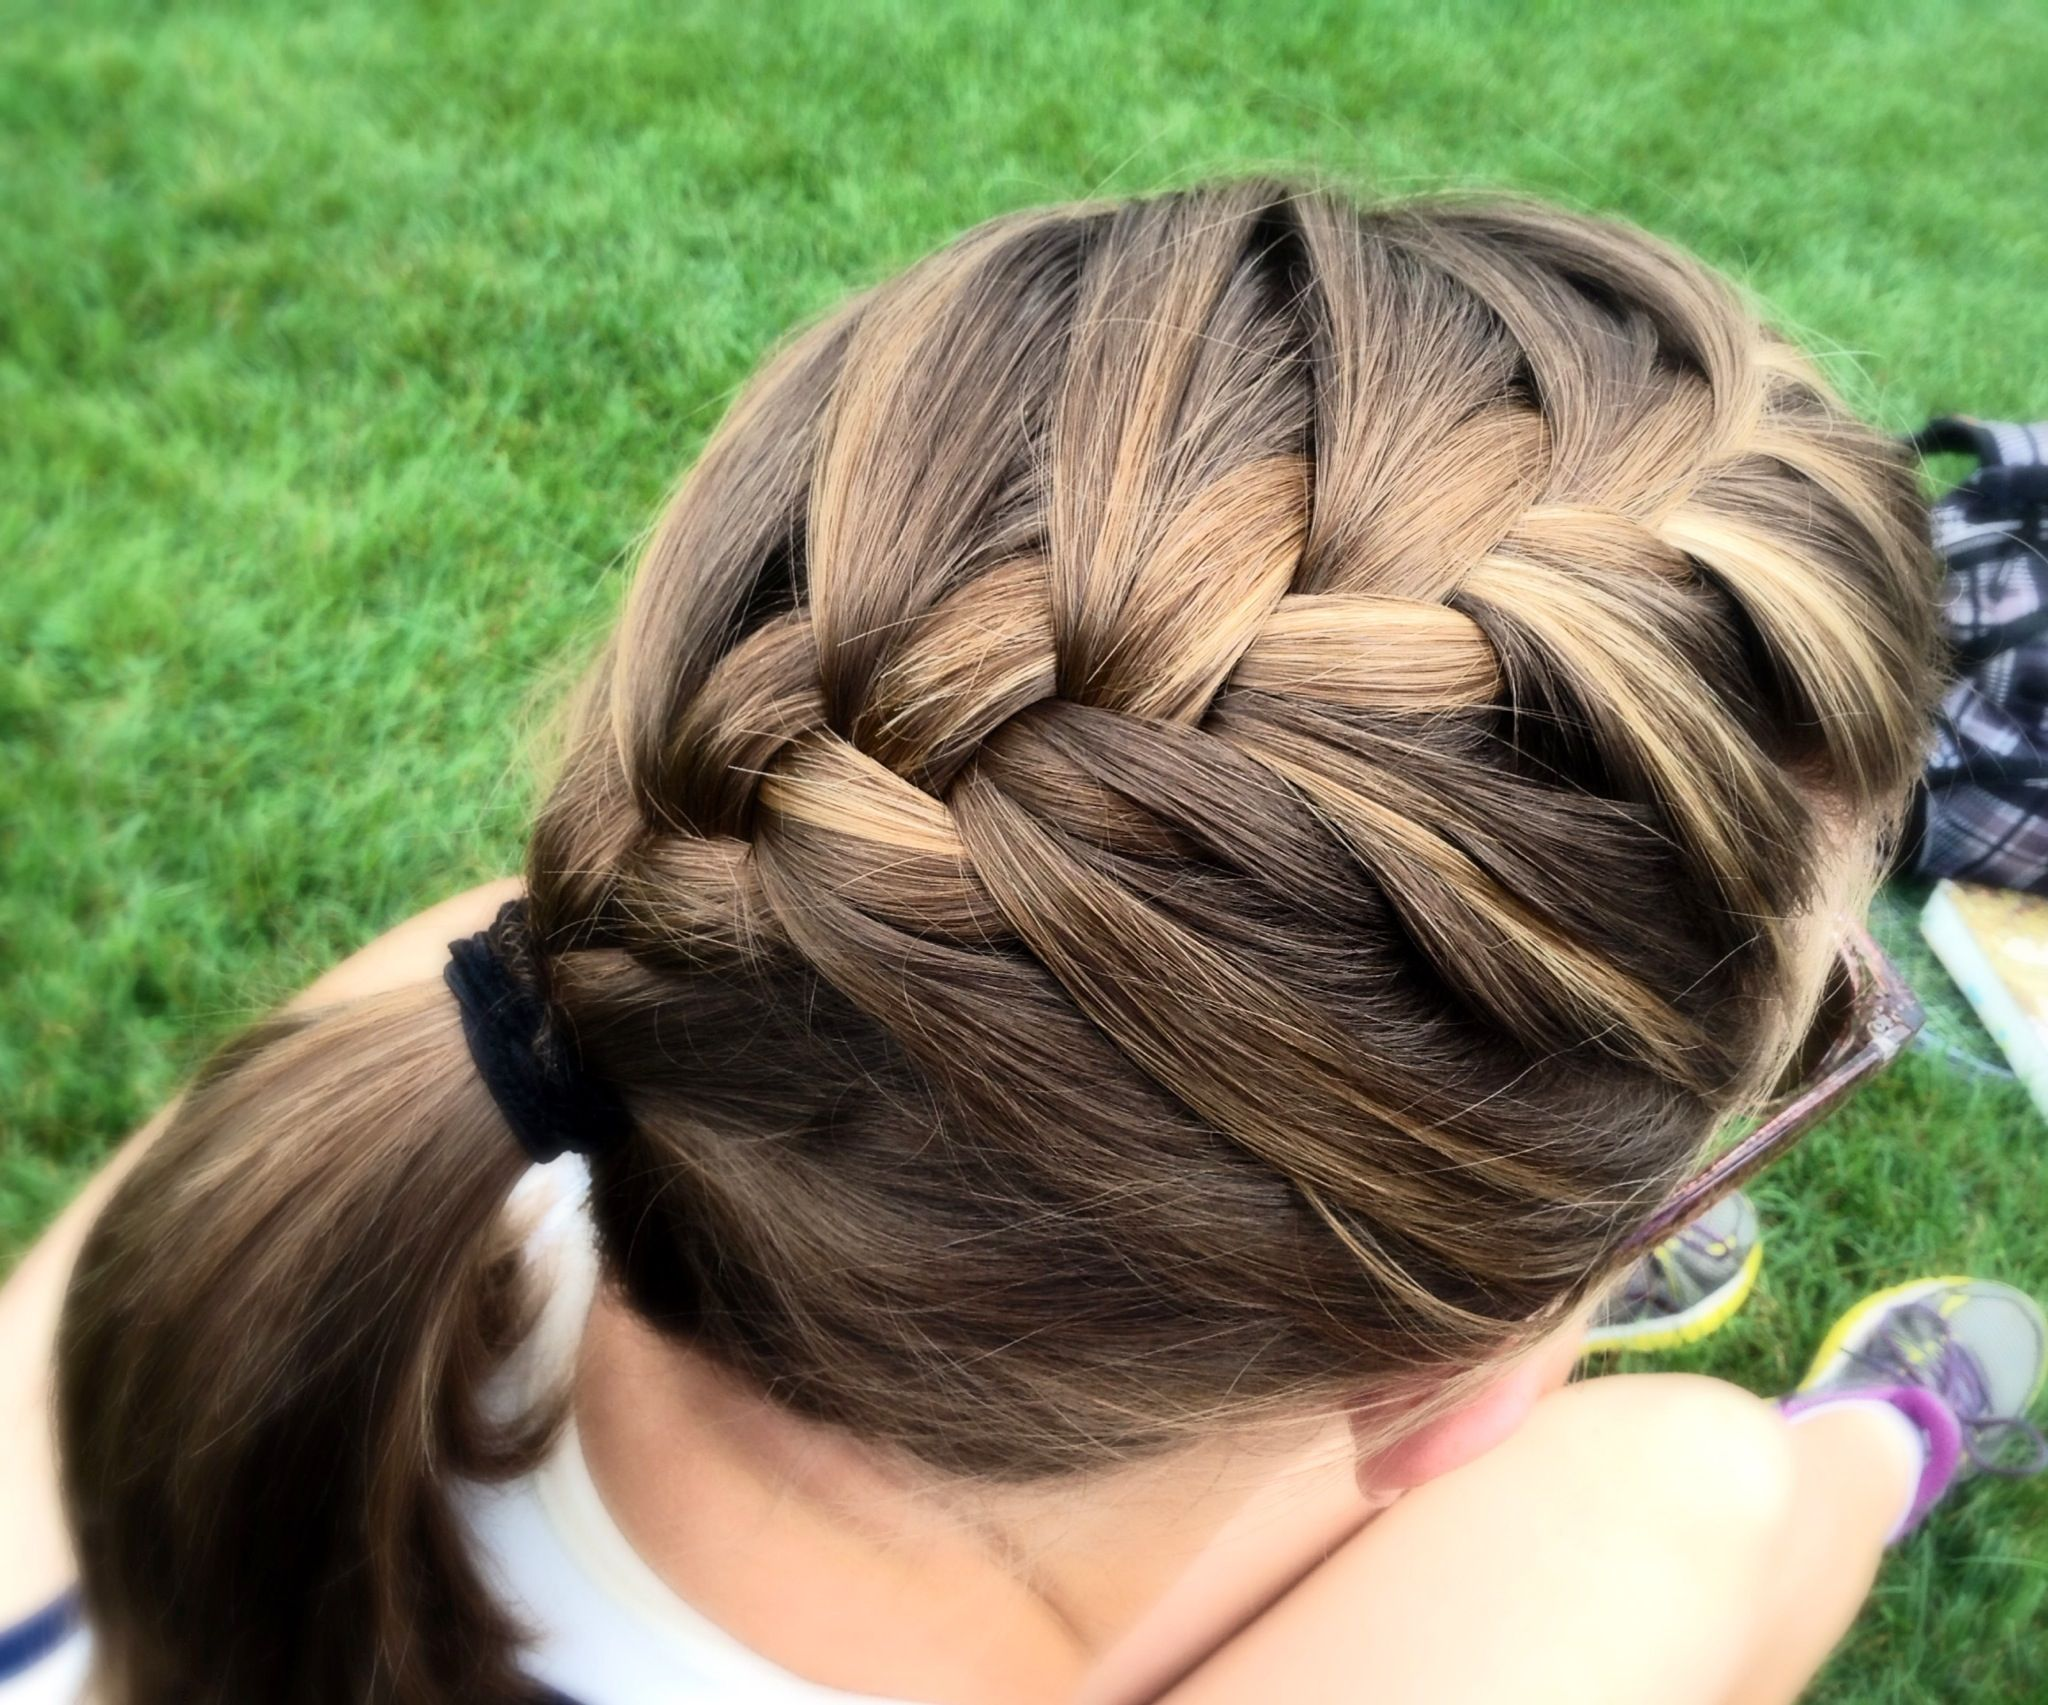 french braid ponytail | my hairstyles | pinterest | french braid